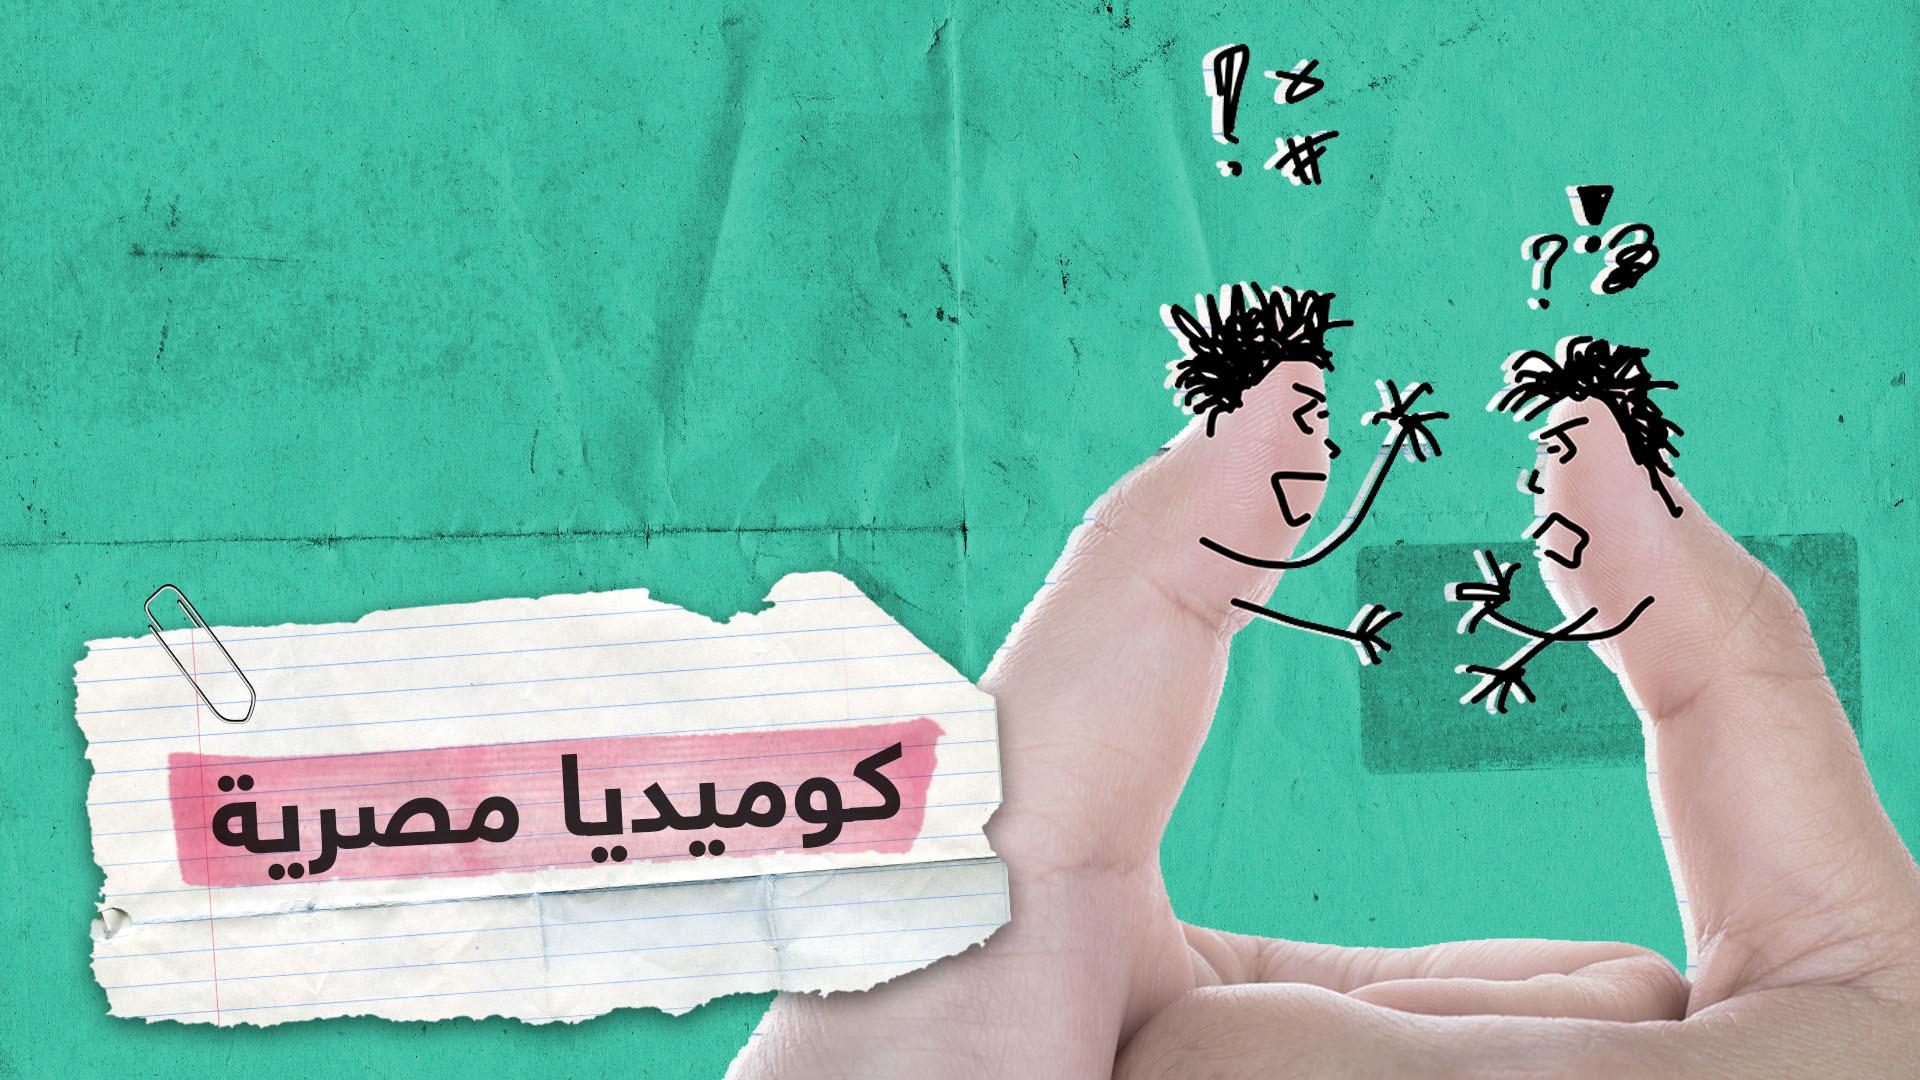 """نهاية كوميدية لـ""""خناقة"""" في شوارع القاهرة"""